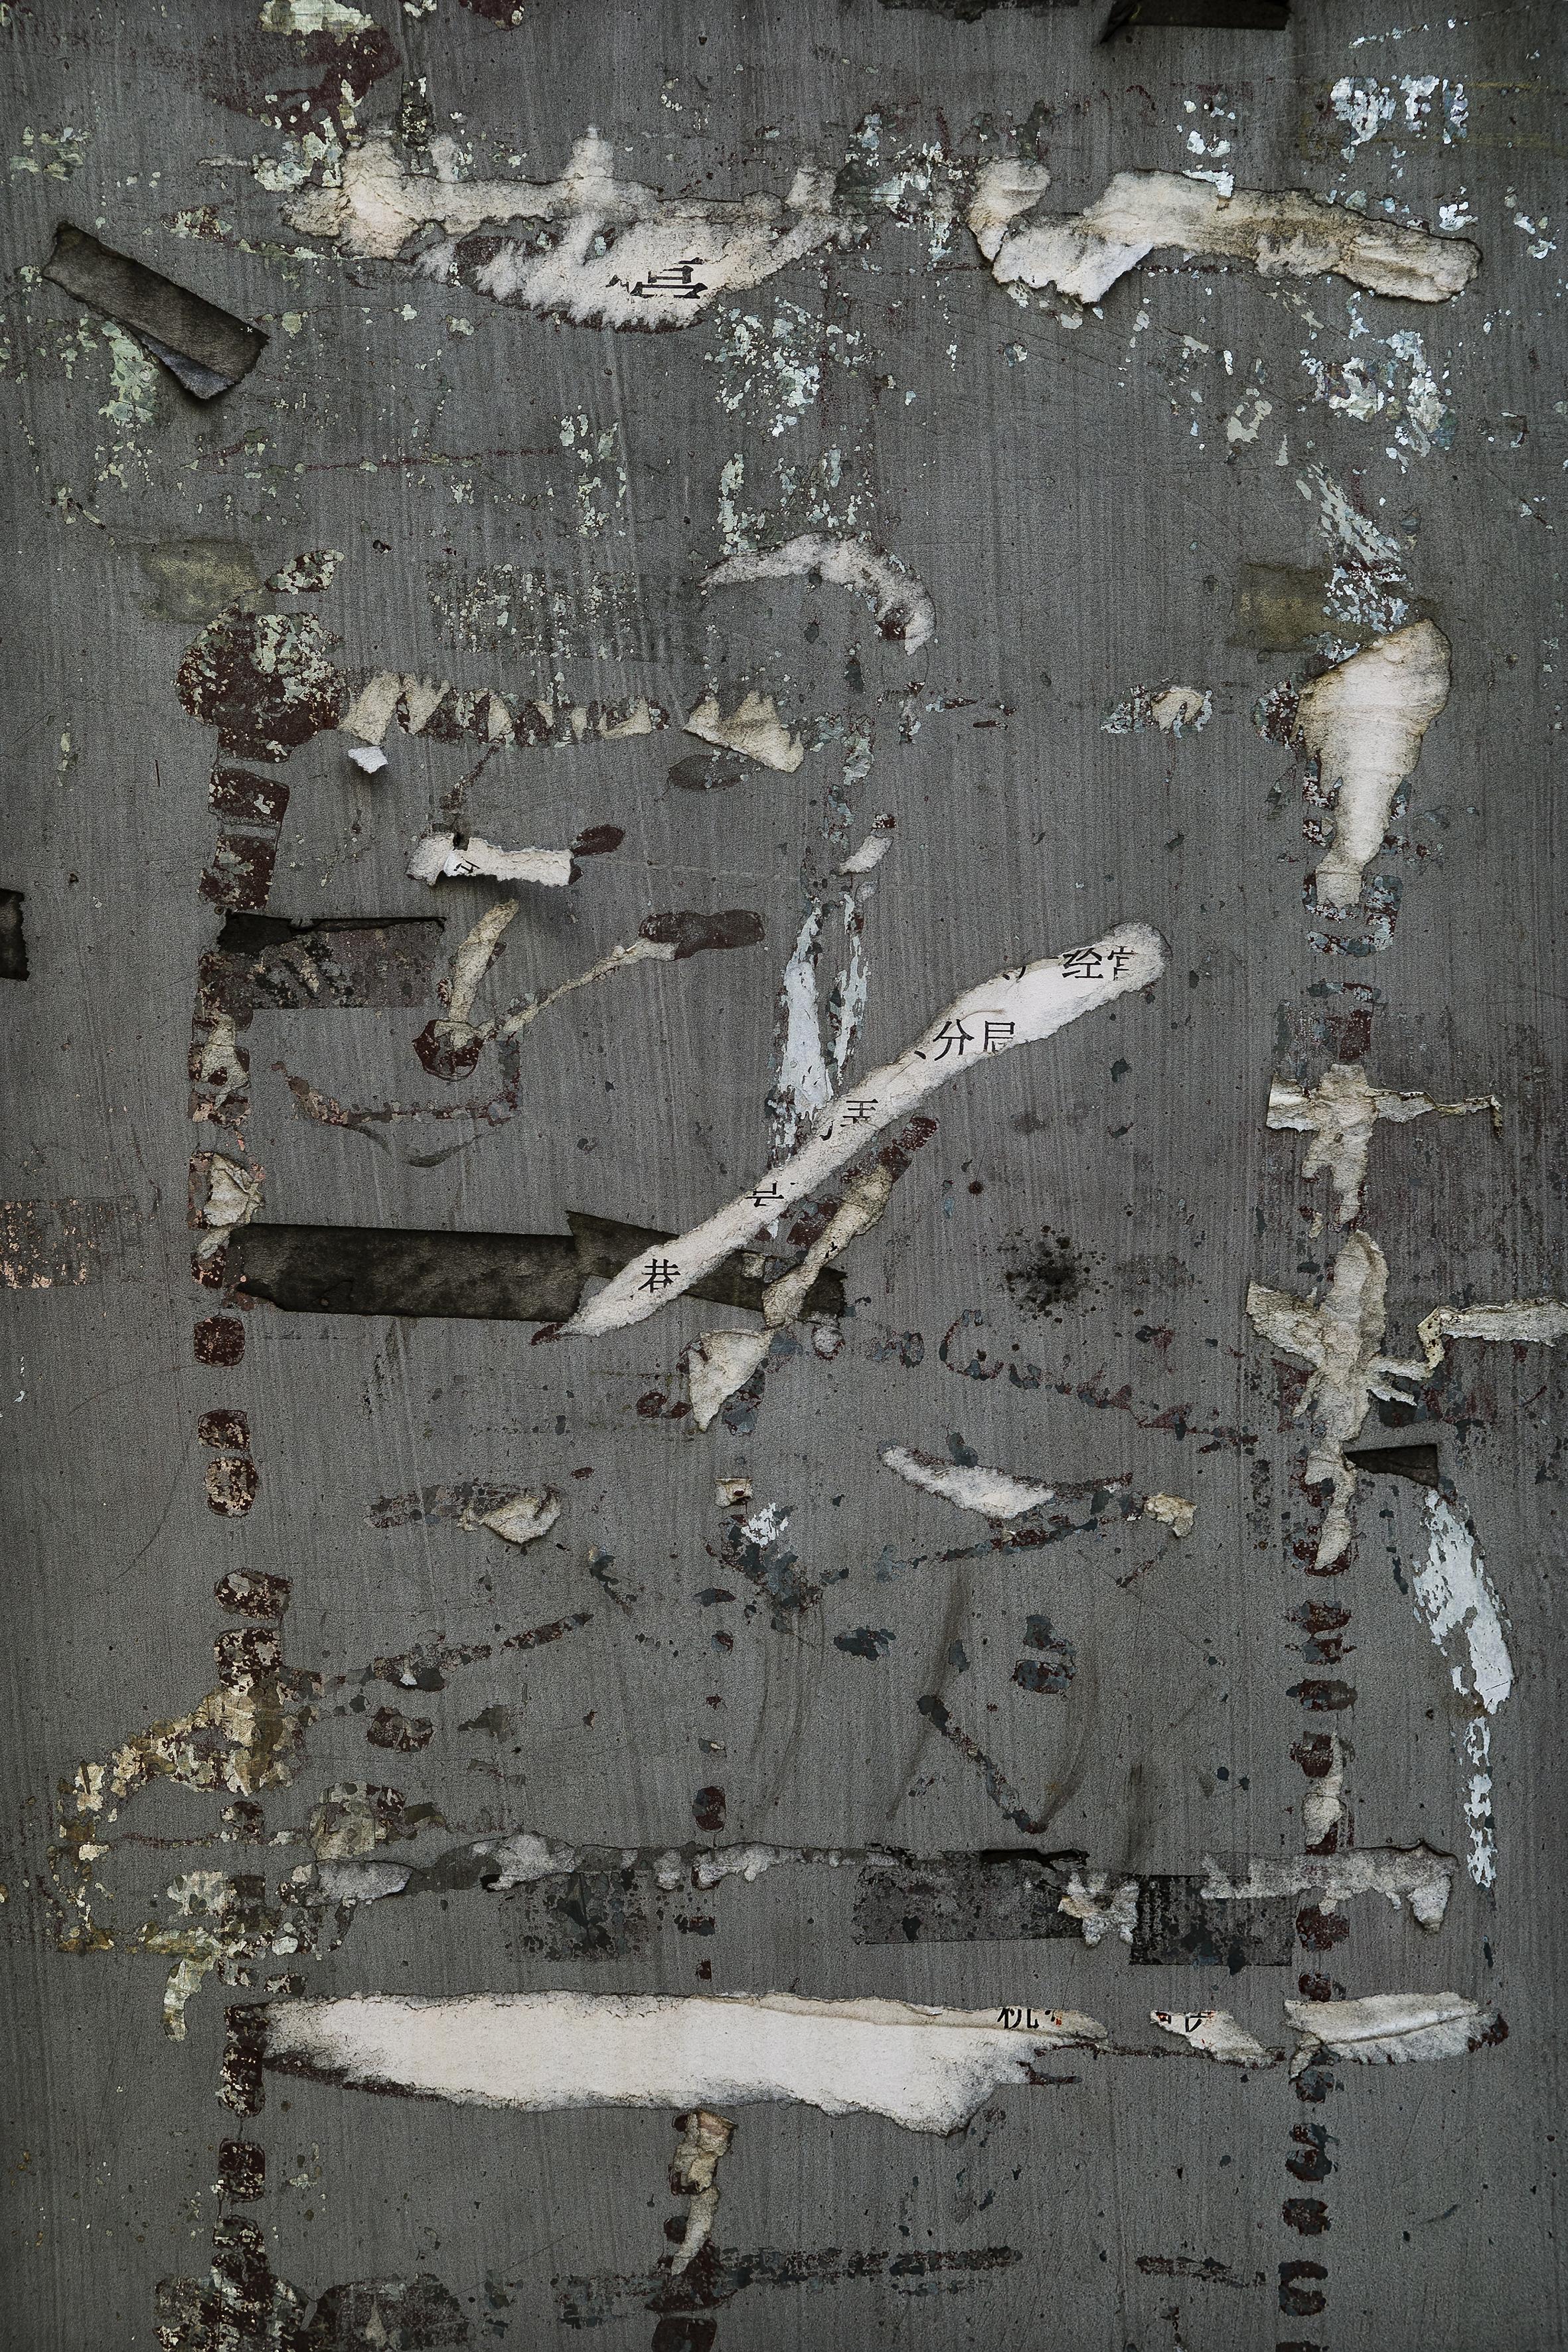 杭州#25,  41 x 61 厘米/ 6  1   x 91 厘米